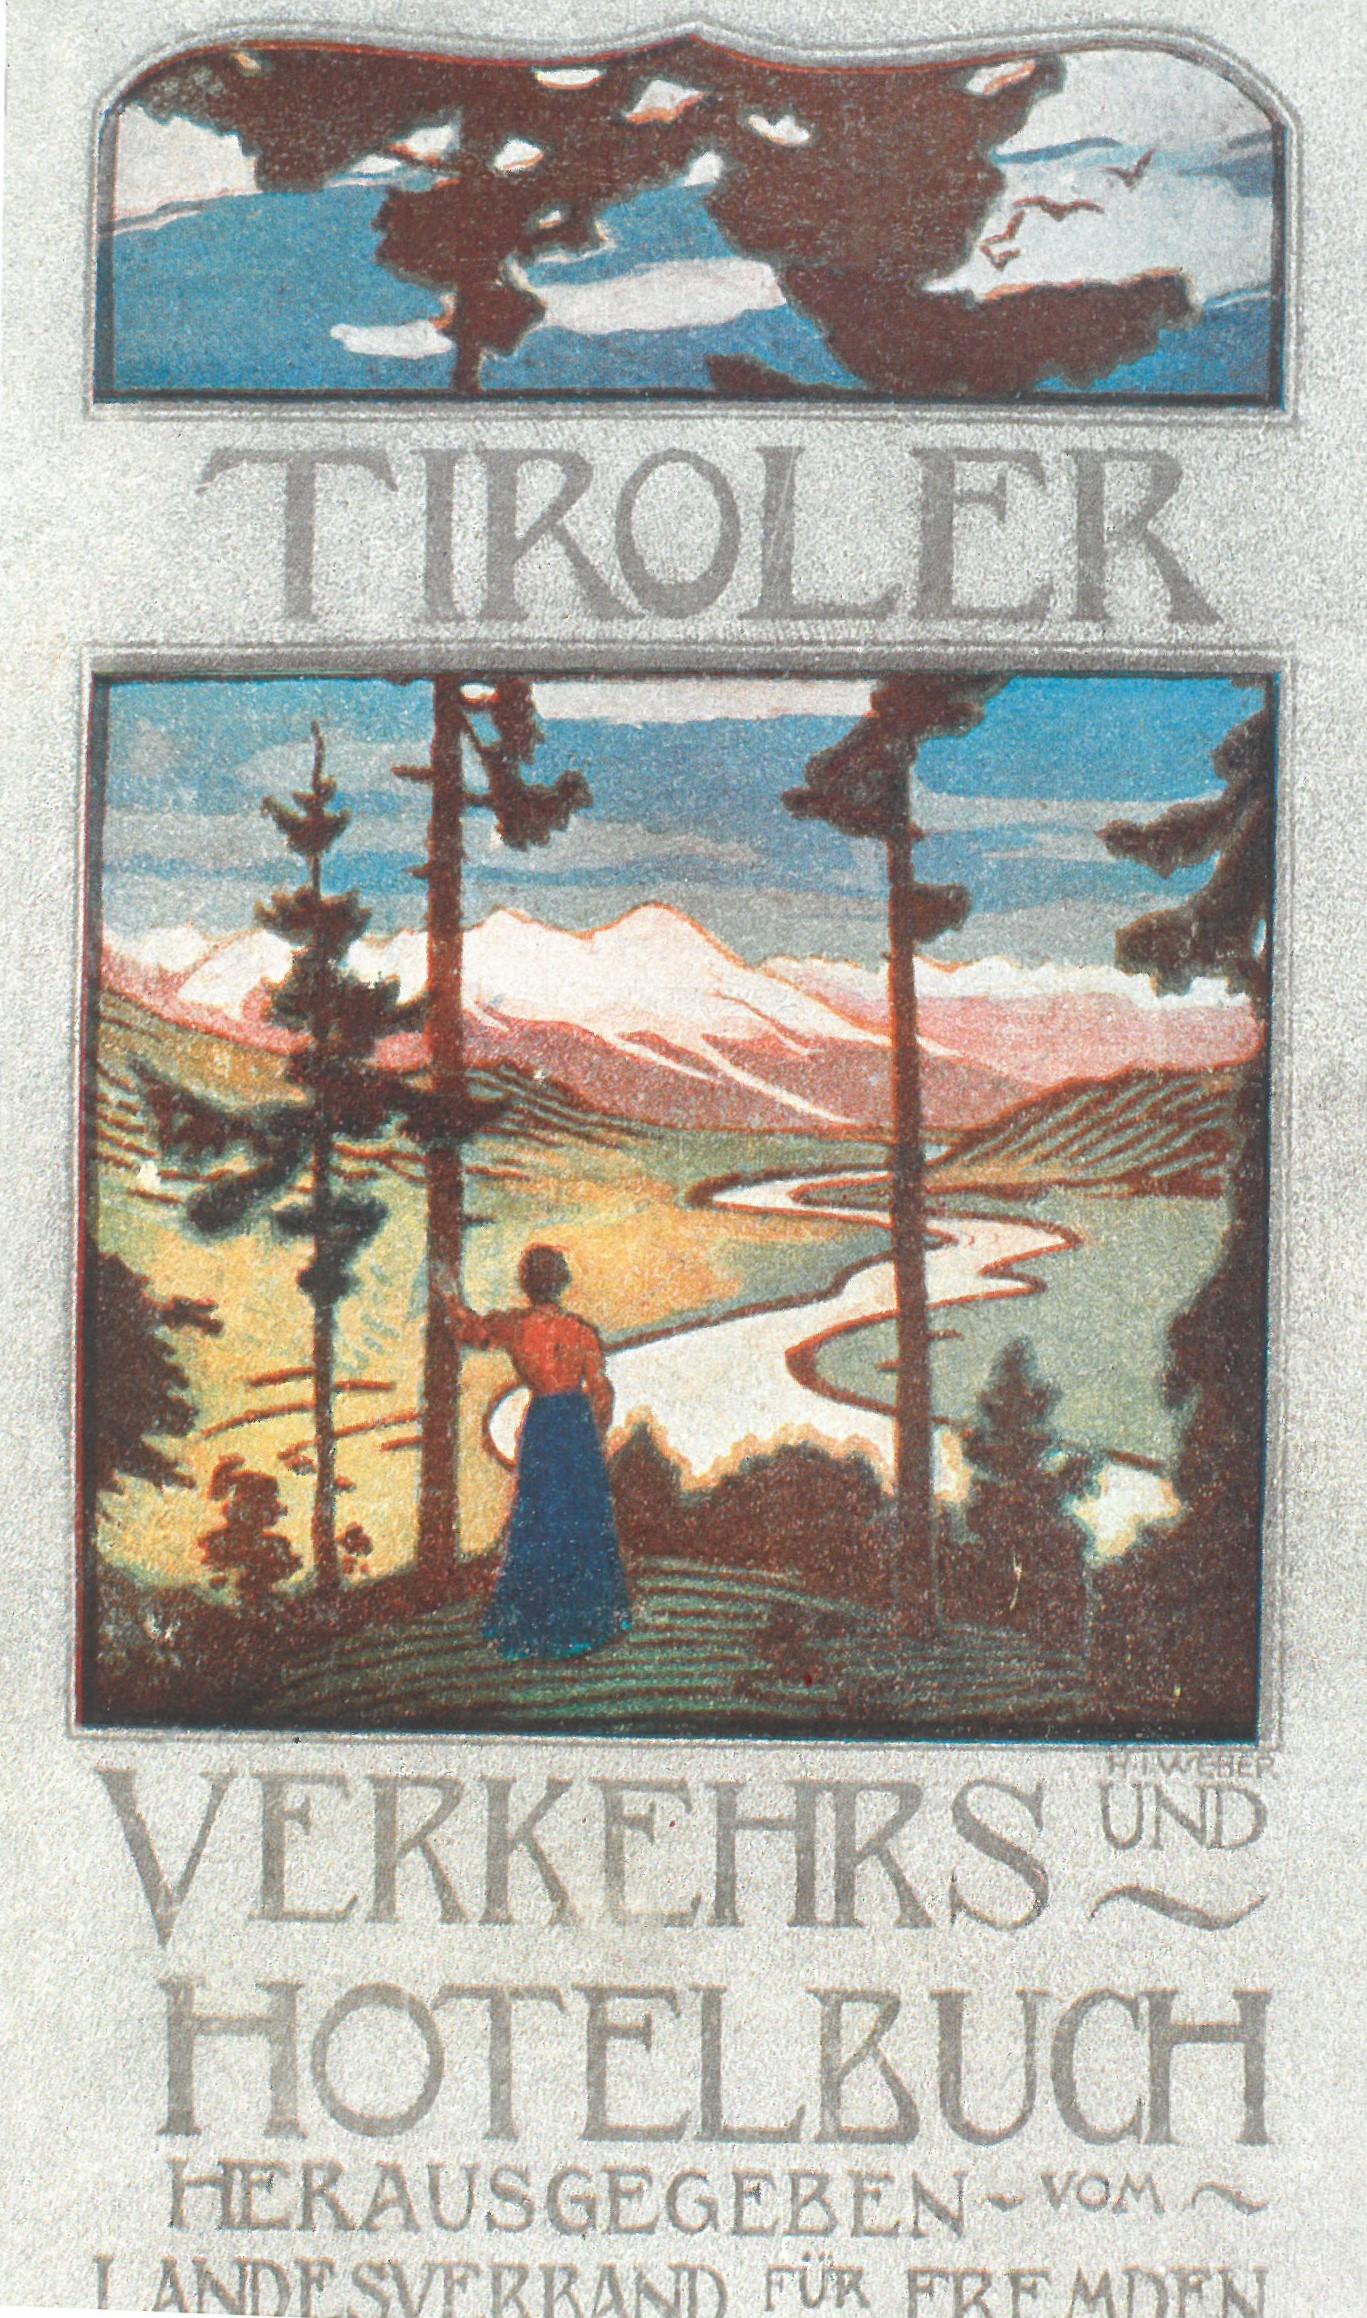 Tiroler Verkehrs-Hotelbuch